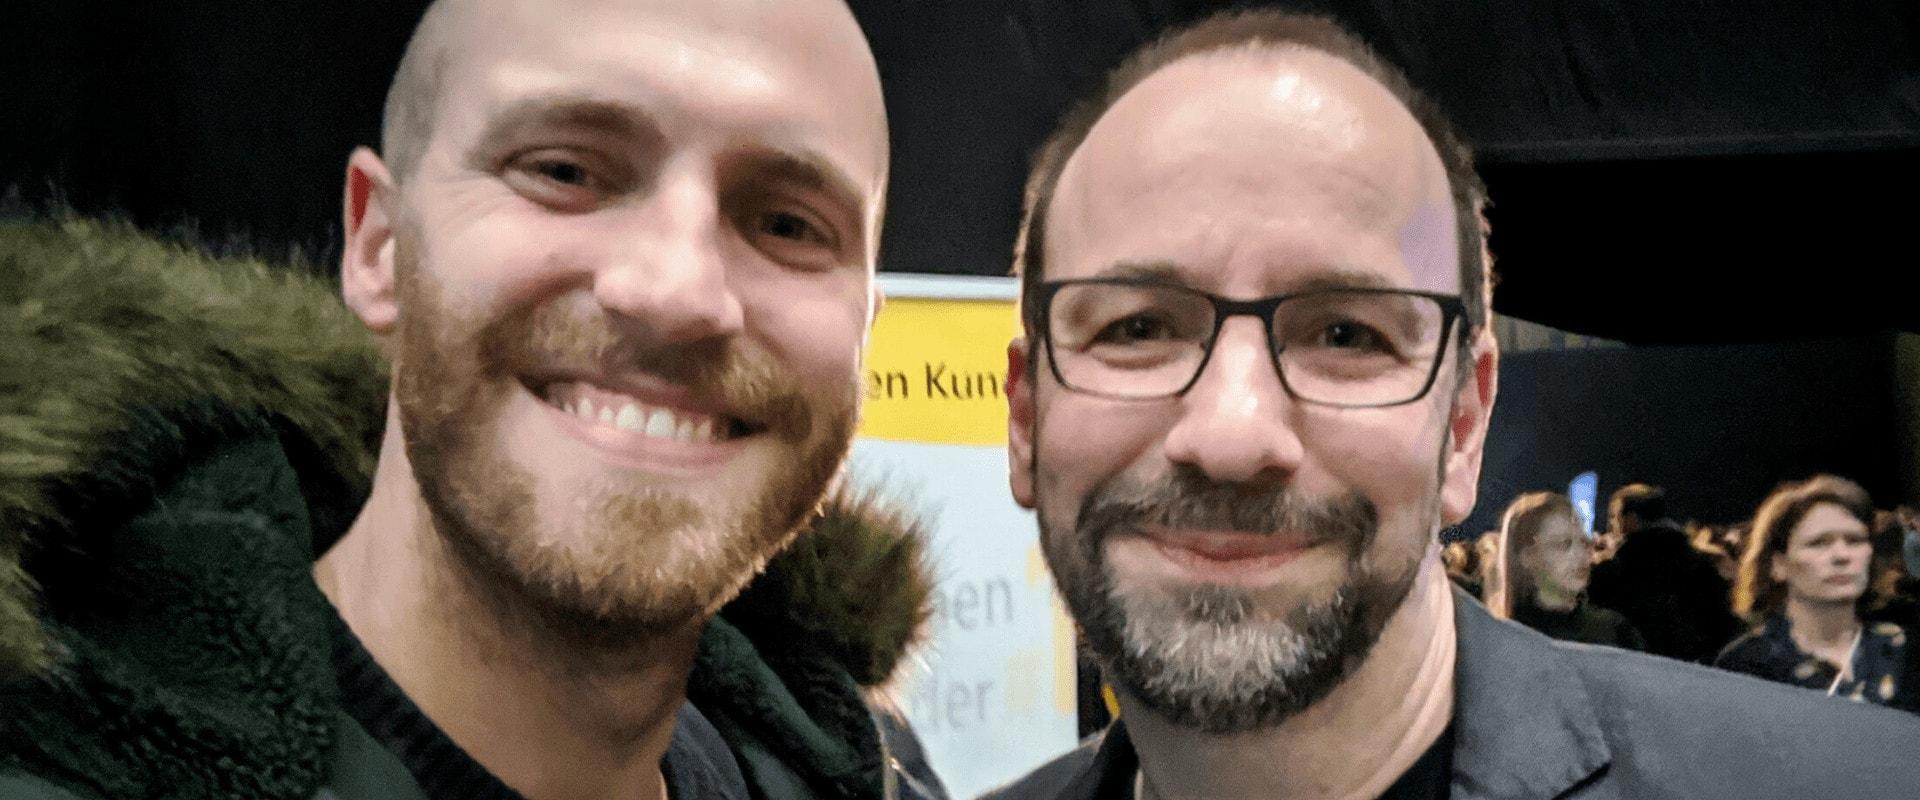 Hinter den Kulissen von Dirk Kreuter mit Carsten Drüber